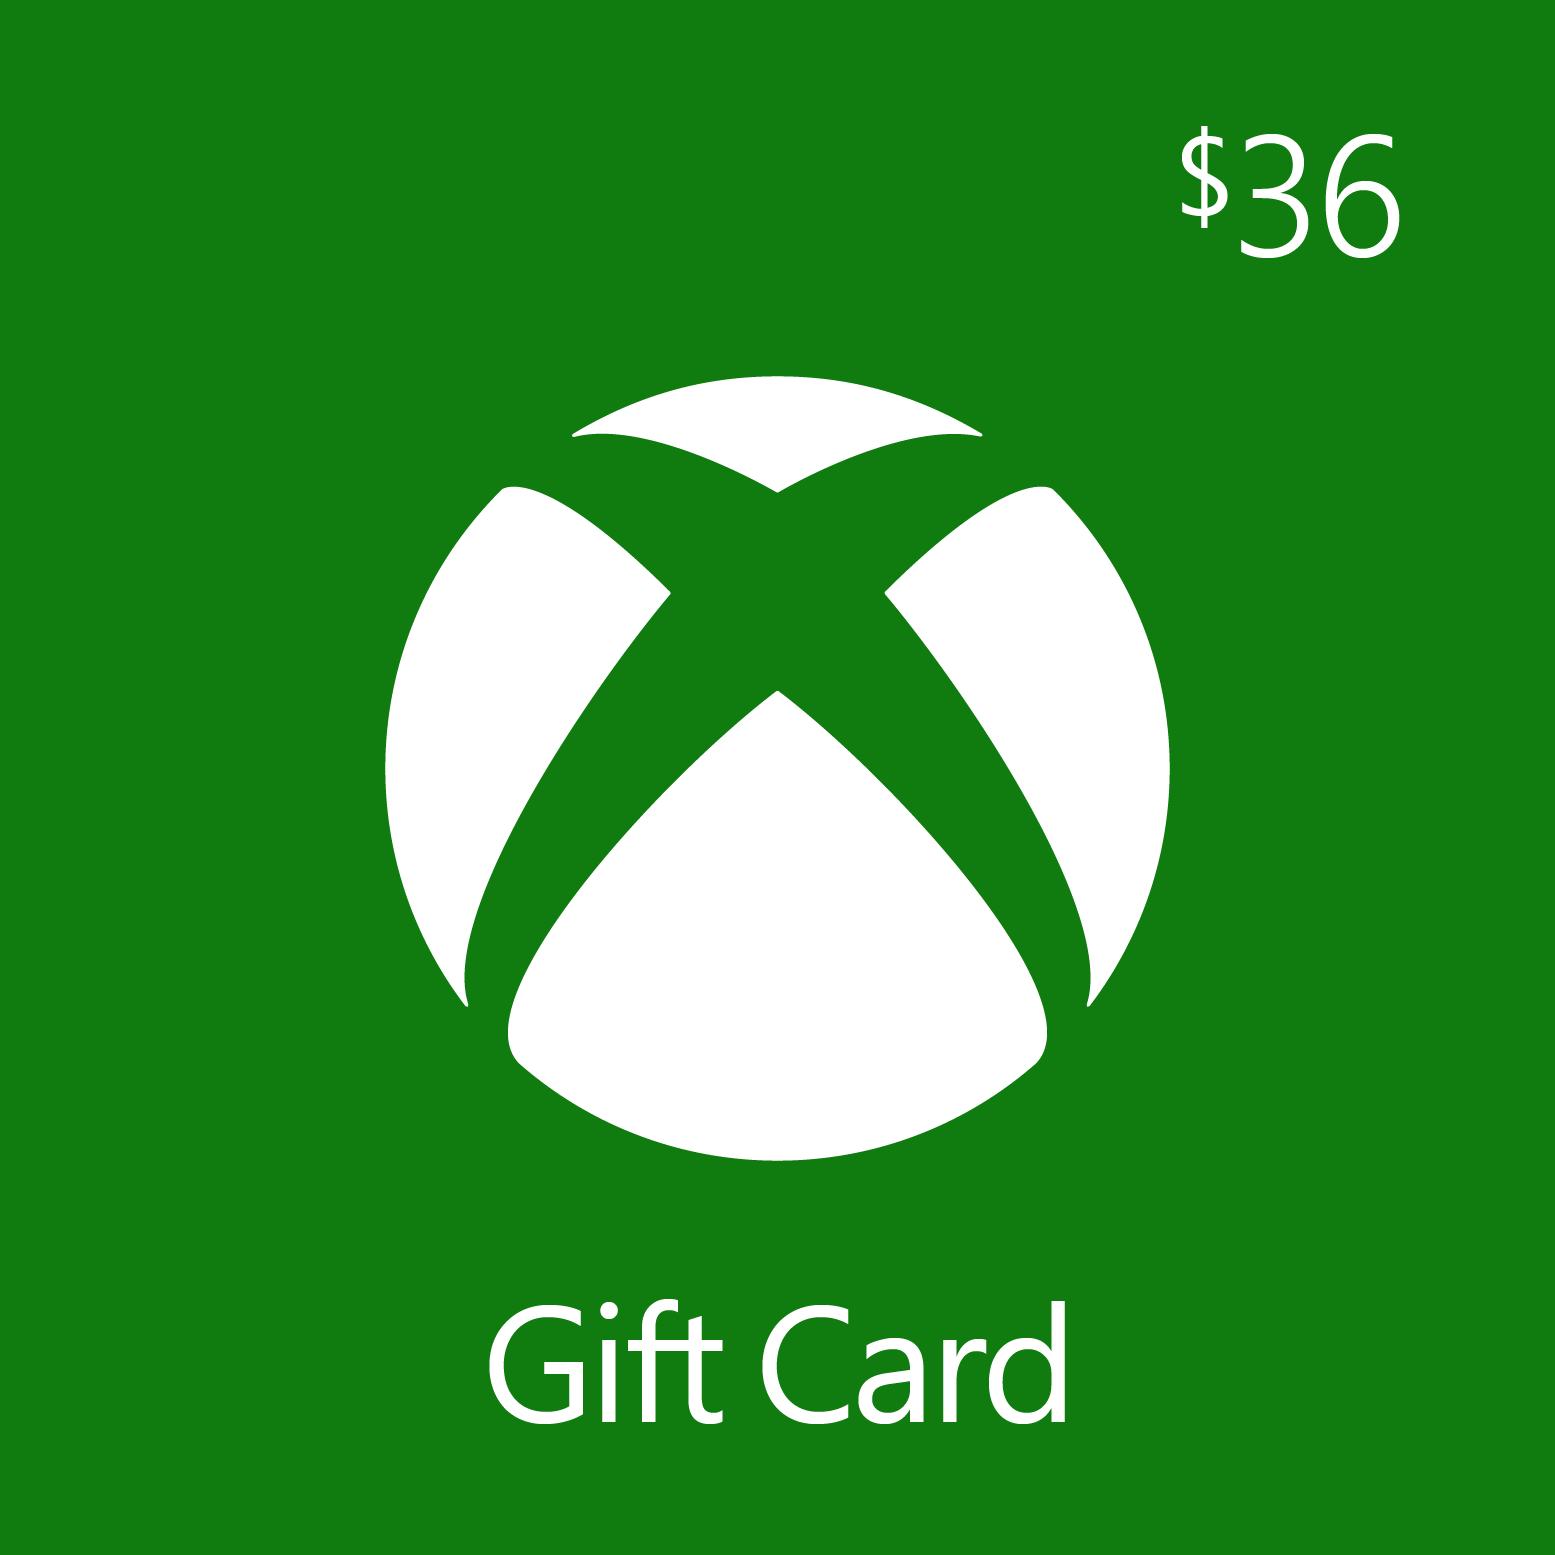 $36.00 Xbox Digital Gift Card